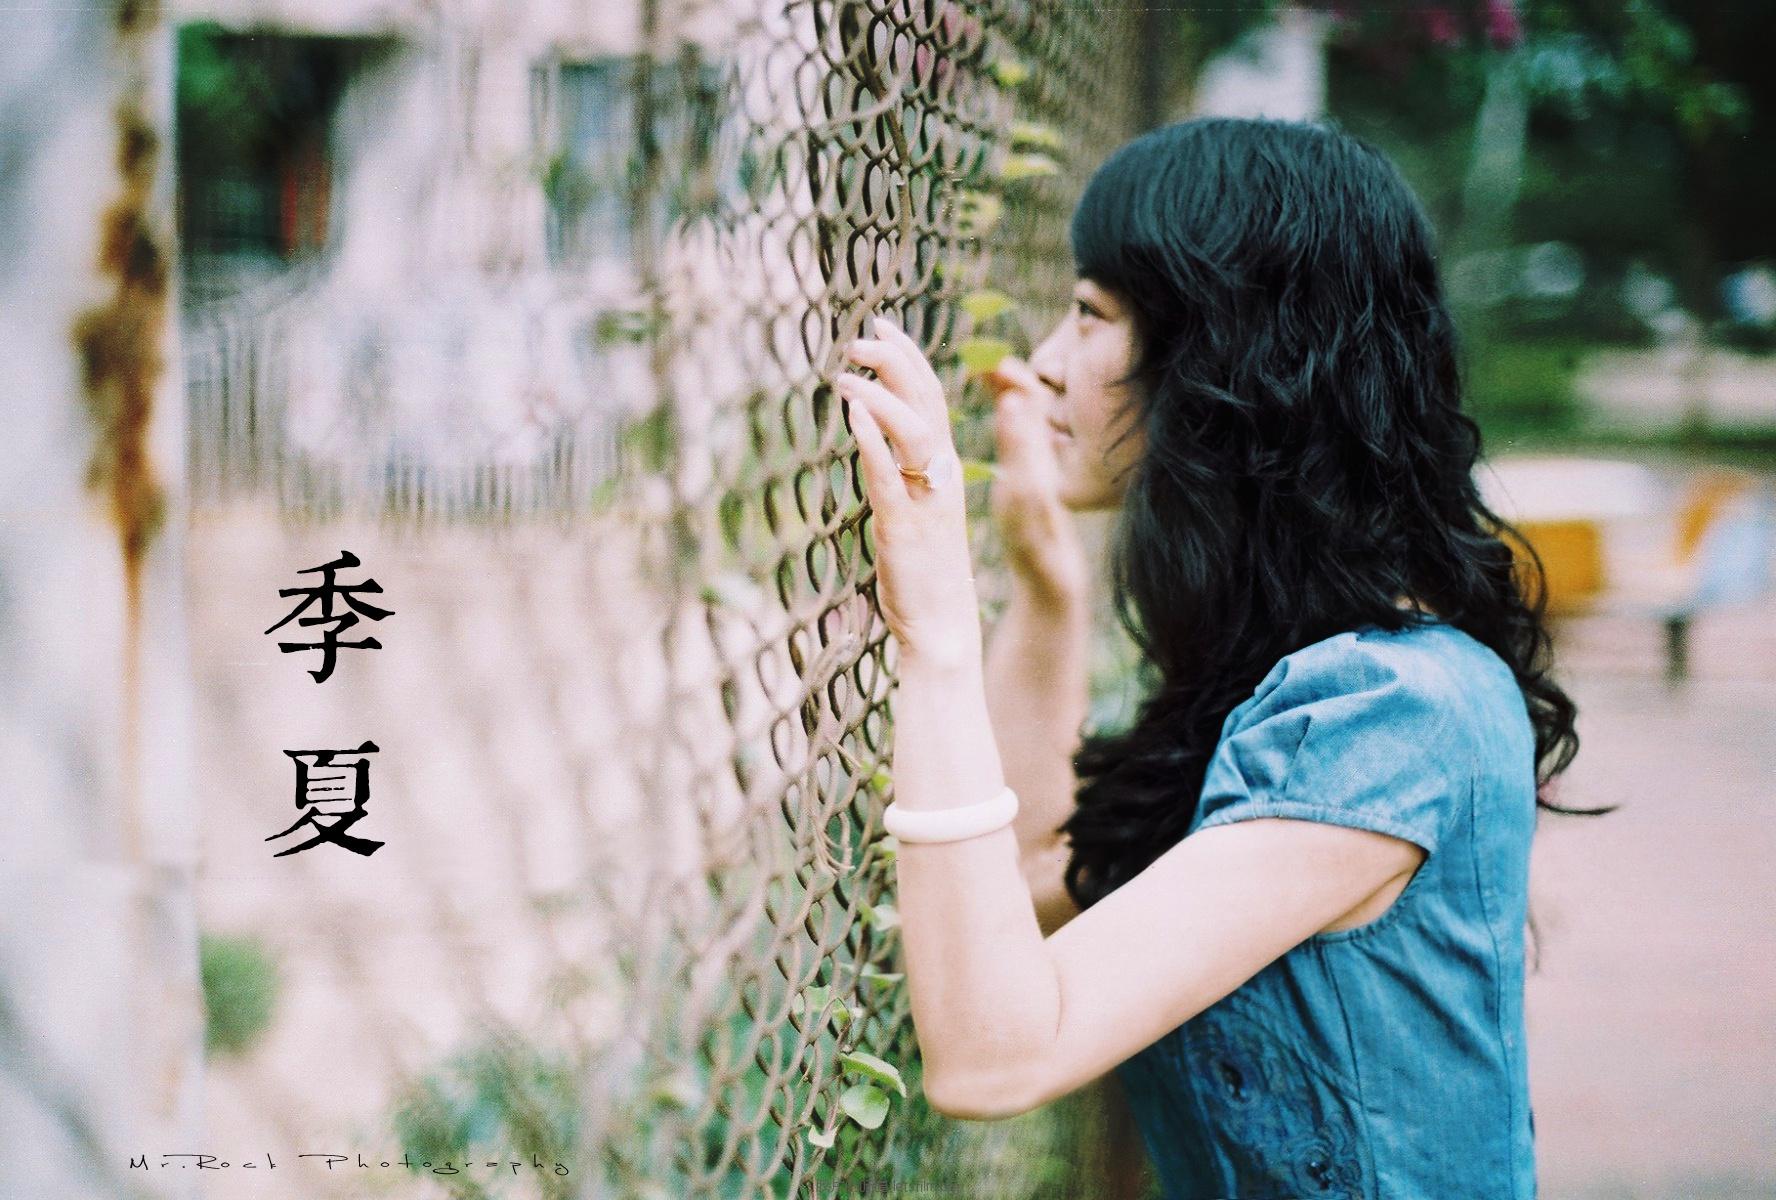 菲林日记·六月季夏 (2)